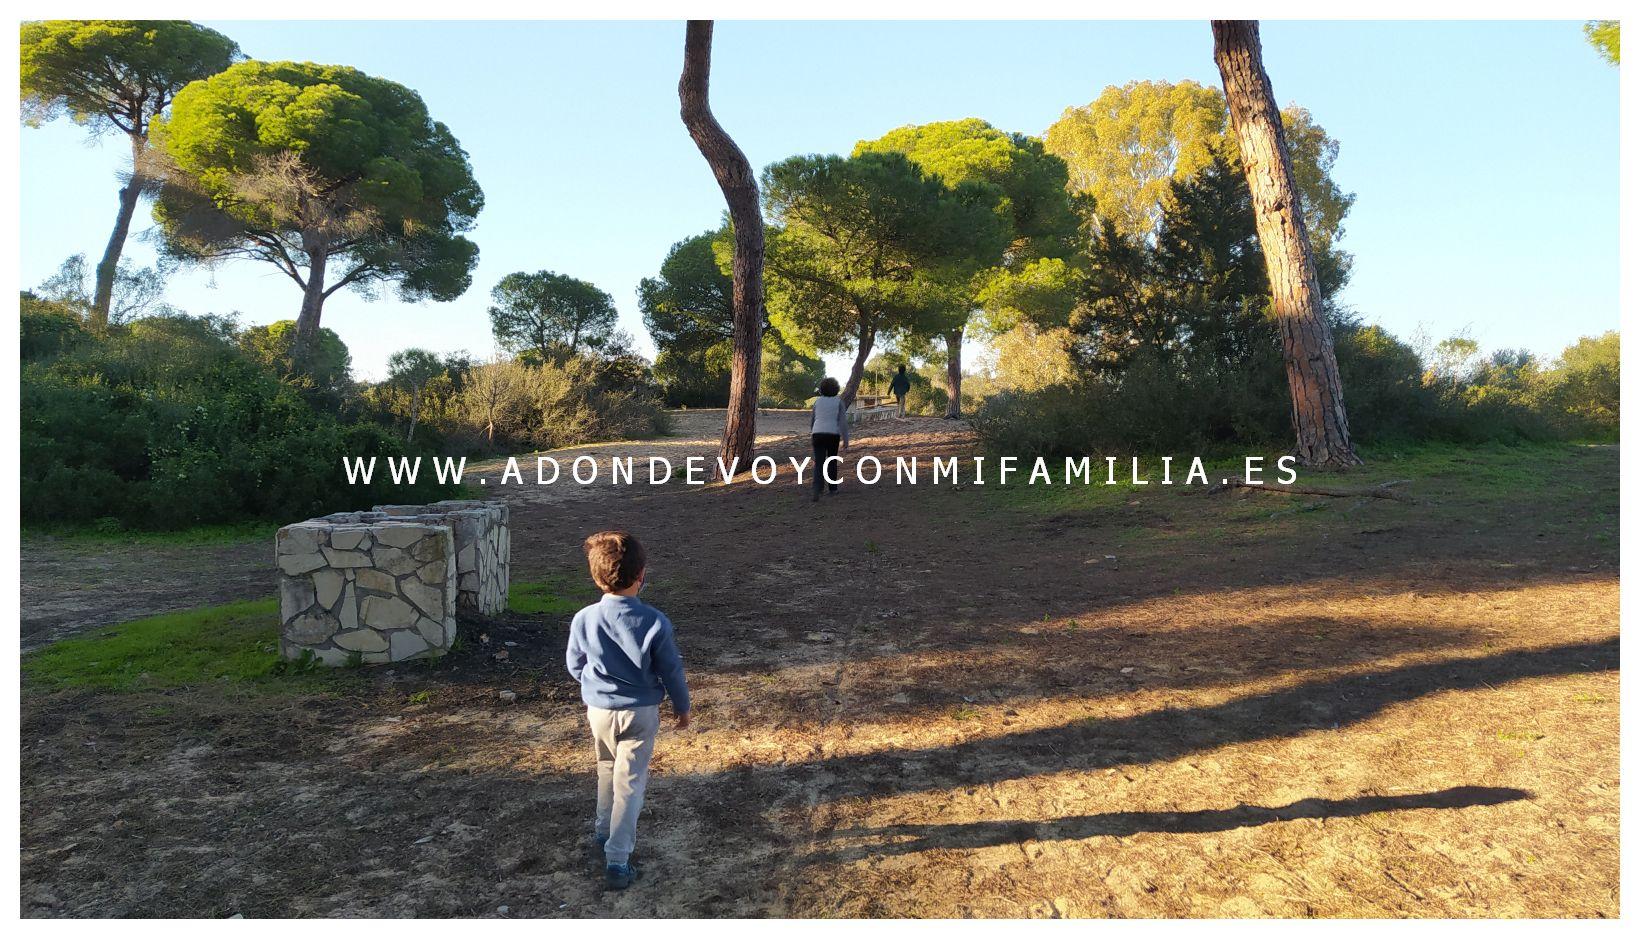 area recreativa la ermita adondevoyconmifamilia 12